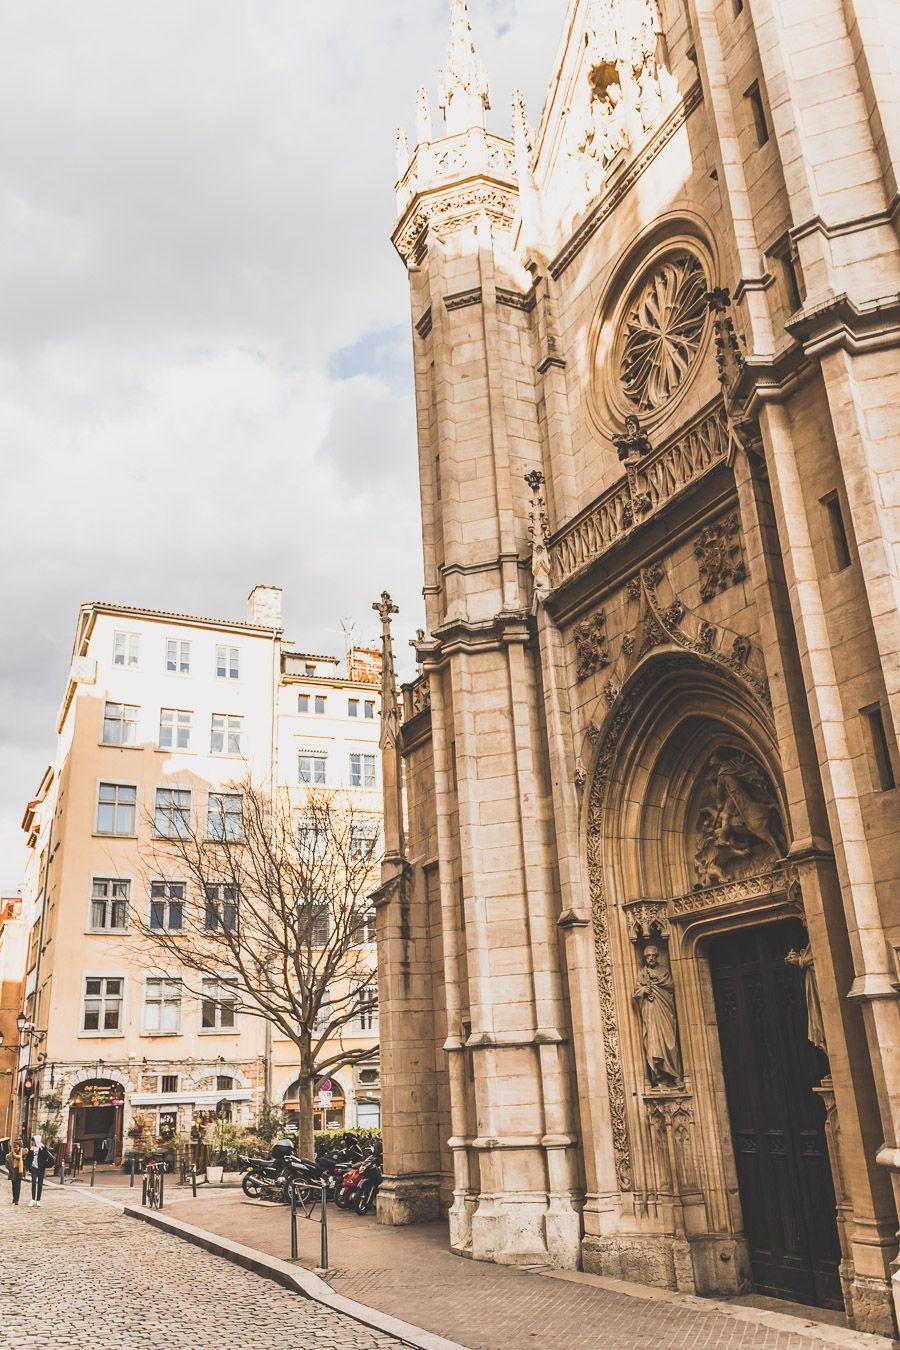 Eglise Saint-Georges du Vieux-Lyon